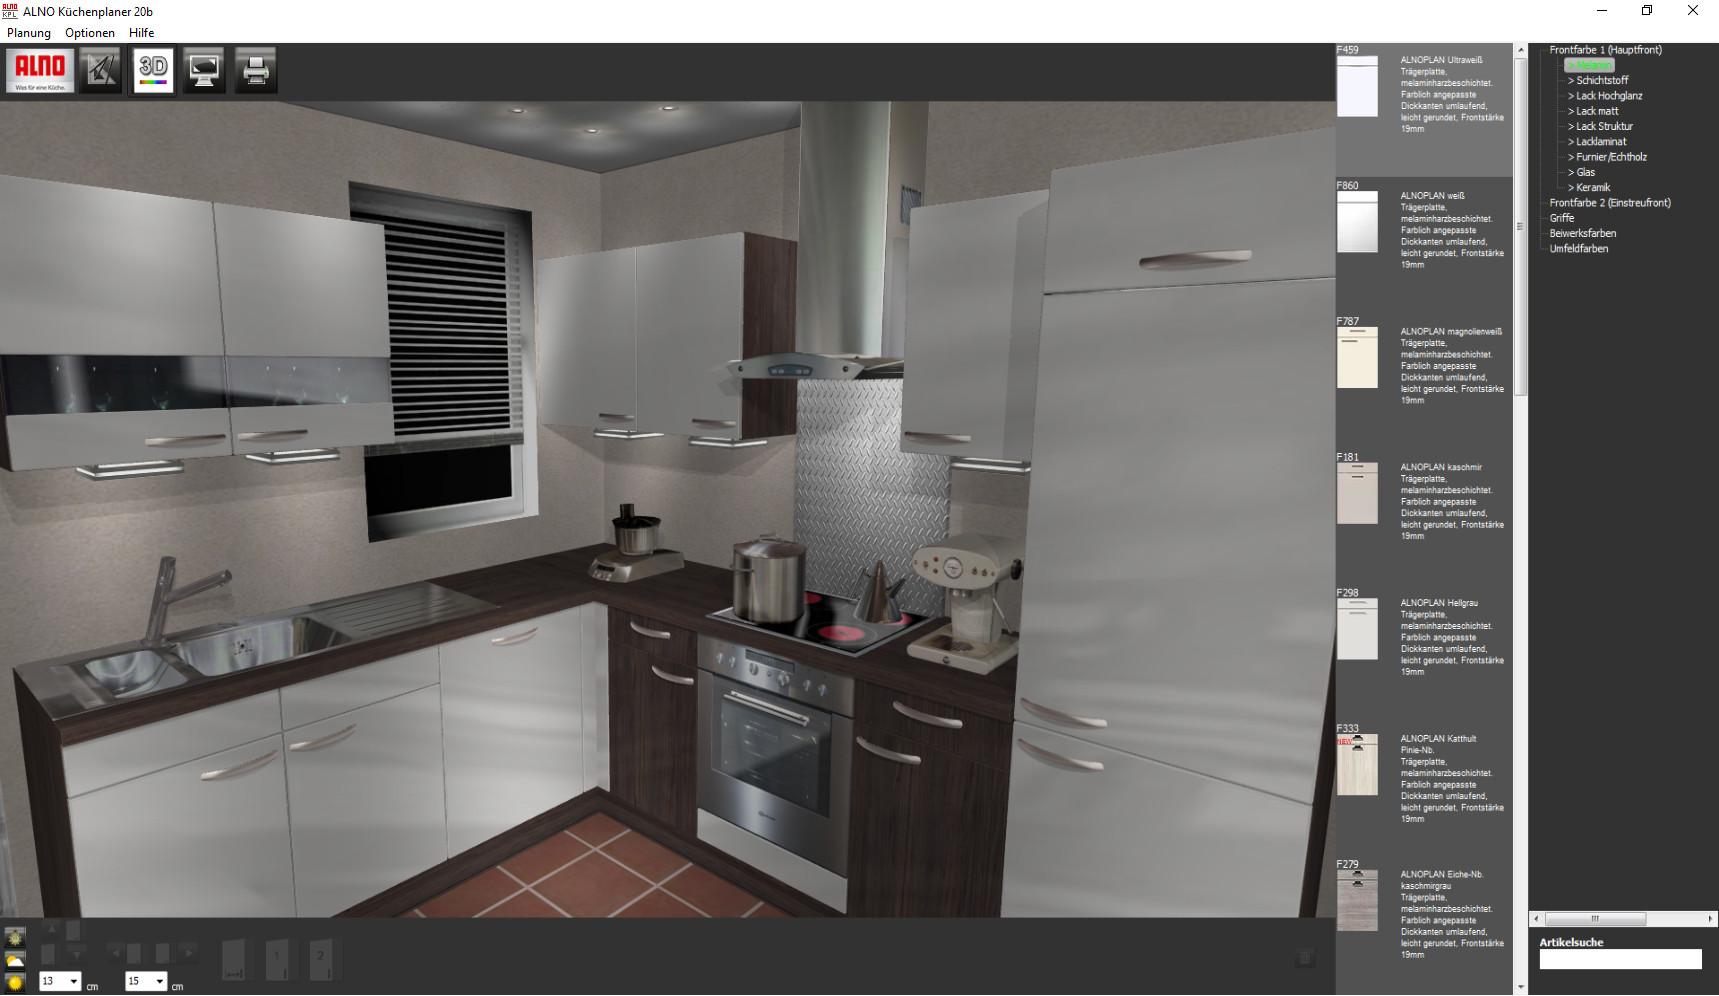 Screenshot 1 - Alno Küchenplaner